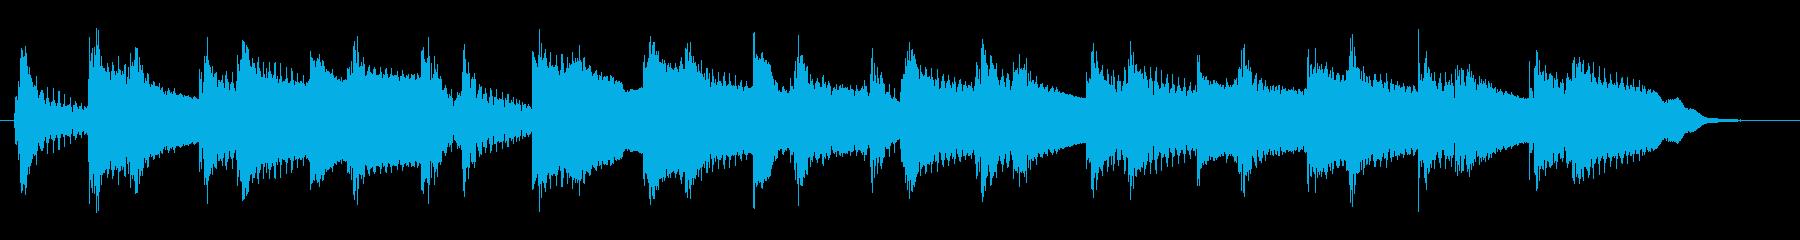 エーライヤッチャ!阿波踊り ♩125#2の再生済みの波形